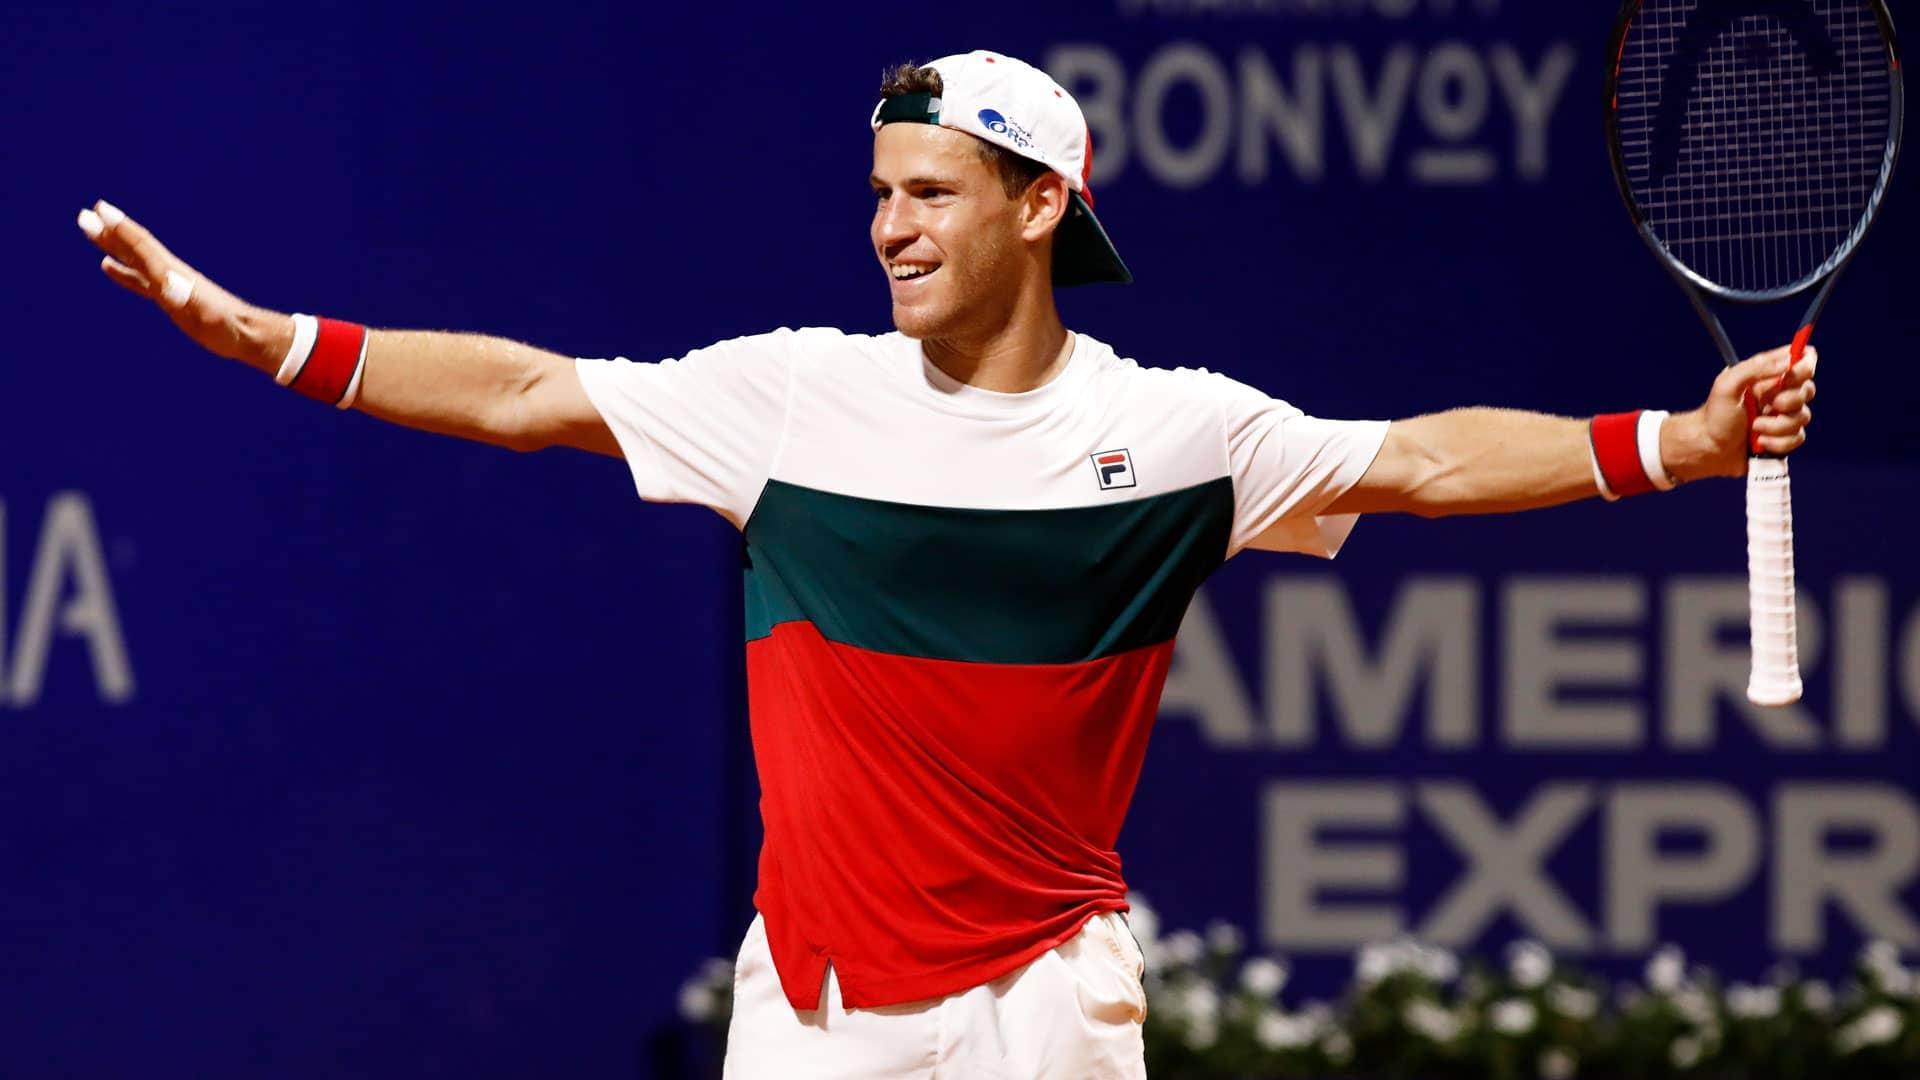 Diego Schwartzman Saves 4 Match Points Beats Pablo Cuevas In Buenos Aires Atp Tour Tennis